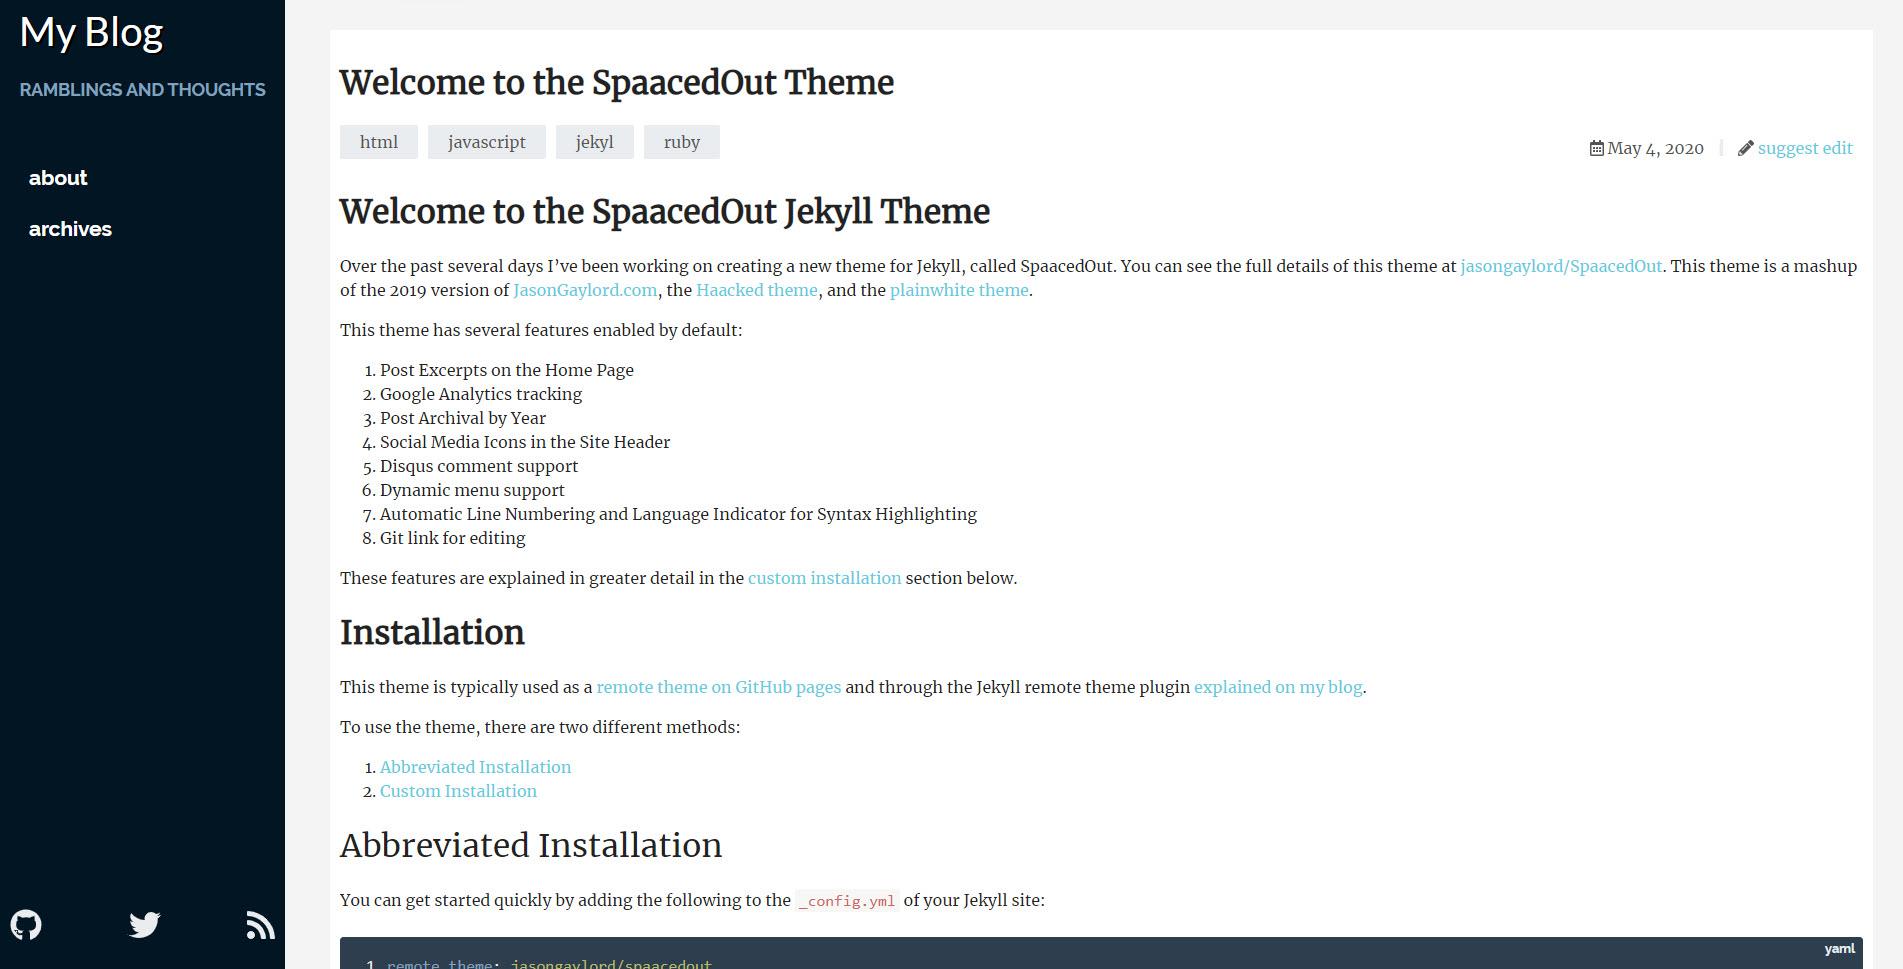 SpaacedOut Theme Desktop View